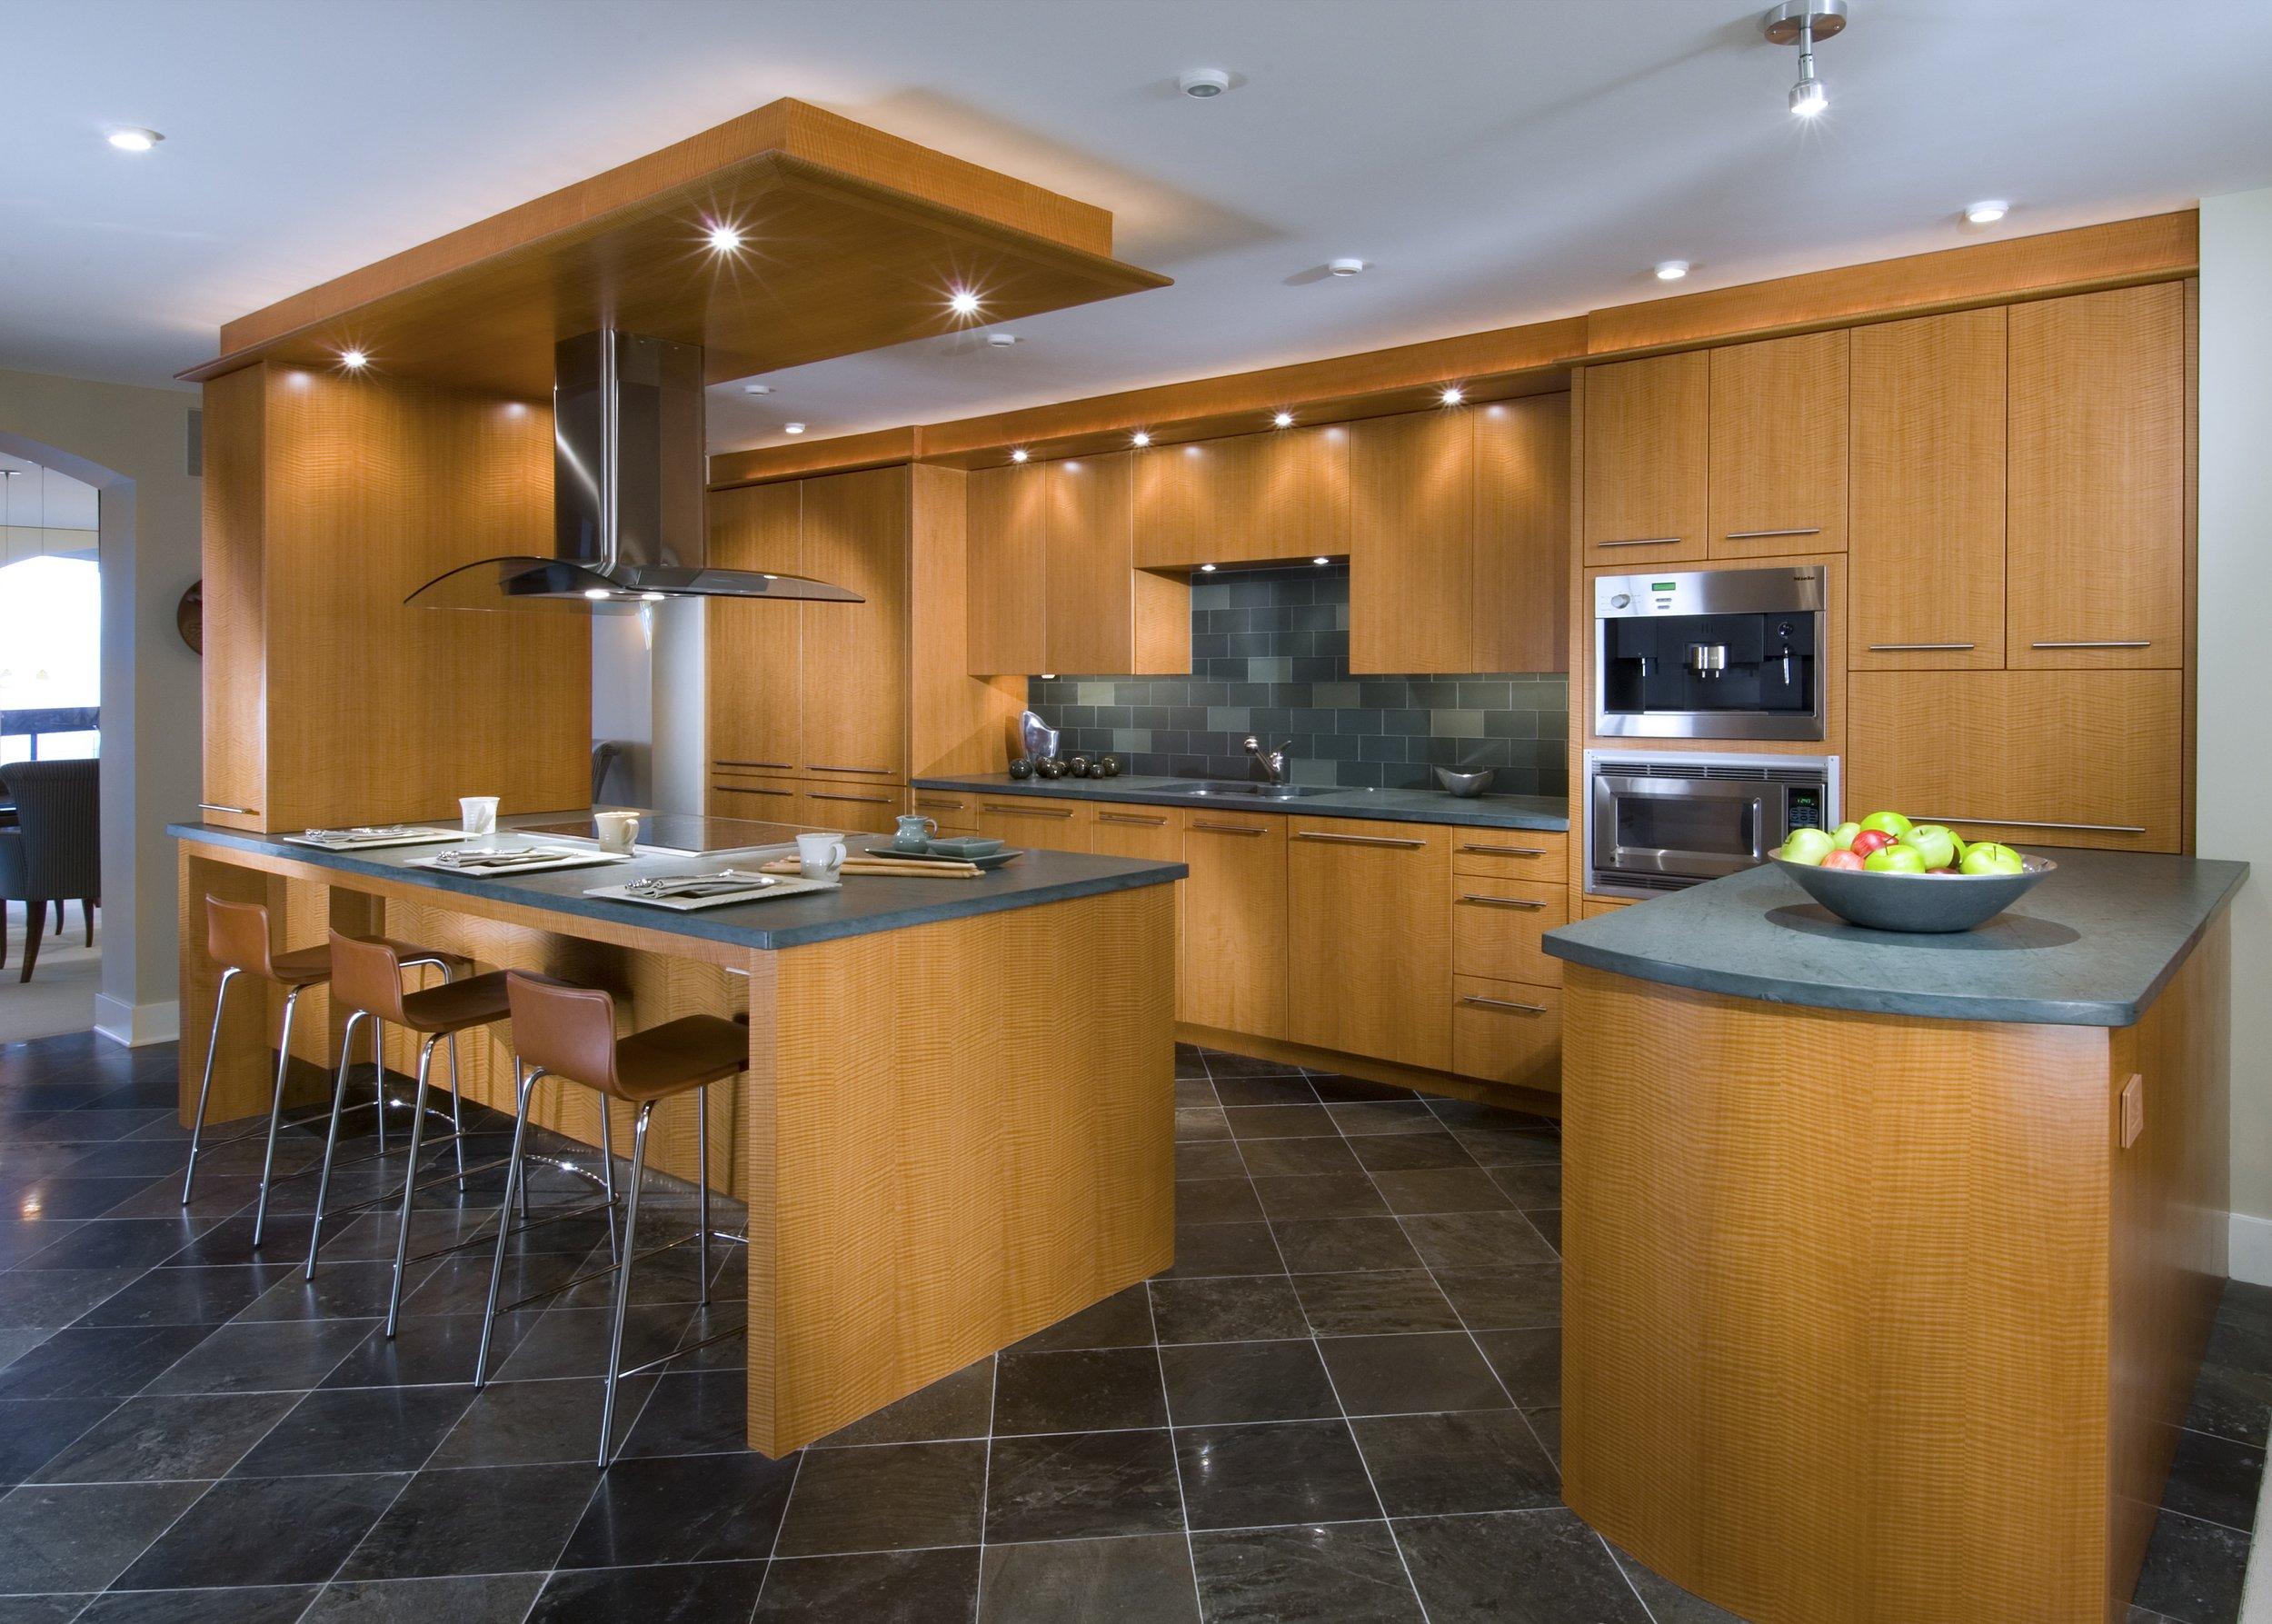 KBC_kitchen_bath_concepts_Kitchen_121.jpg